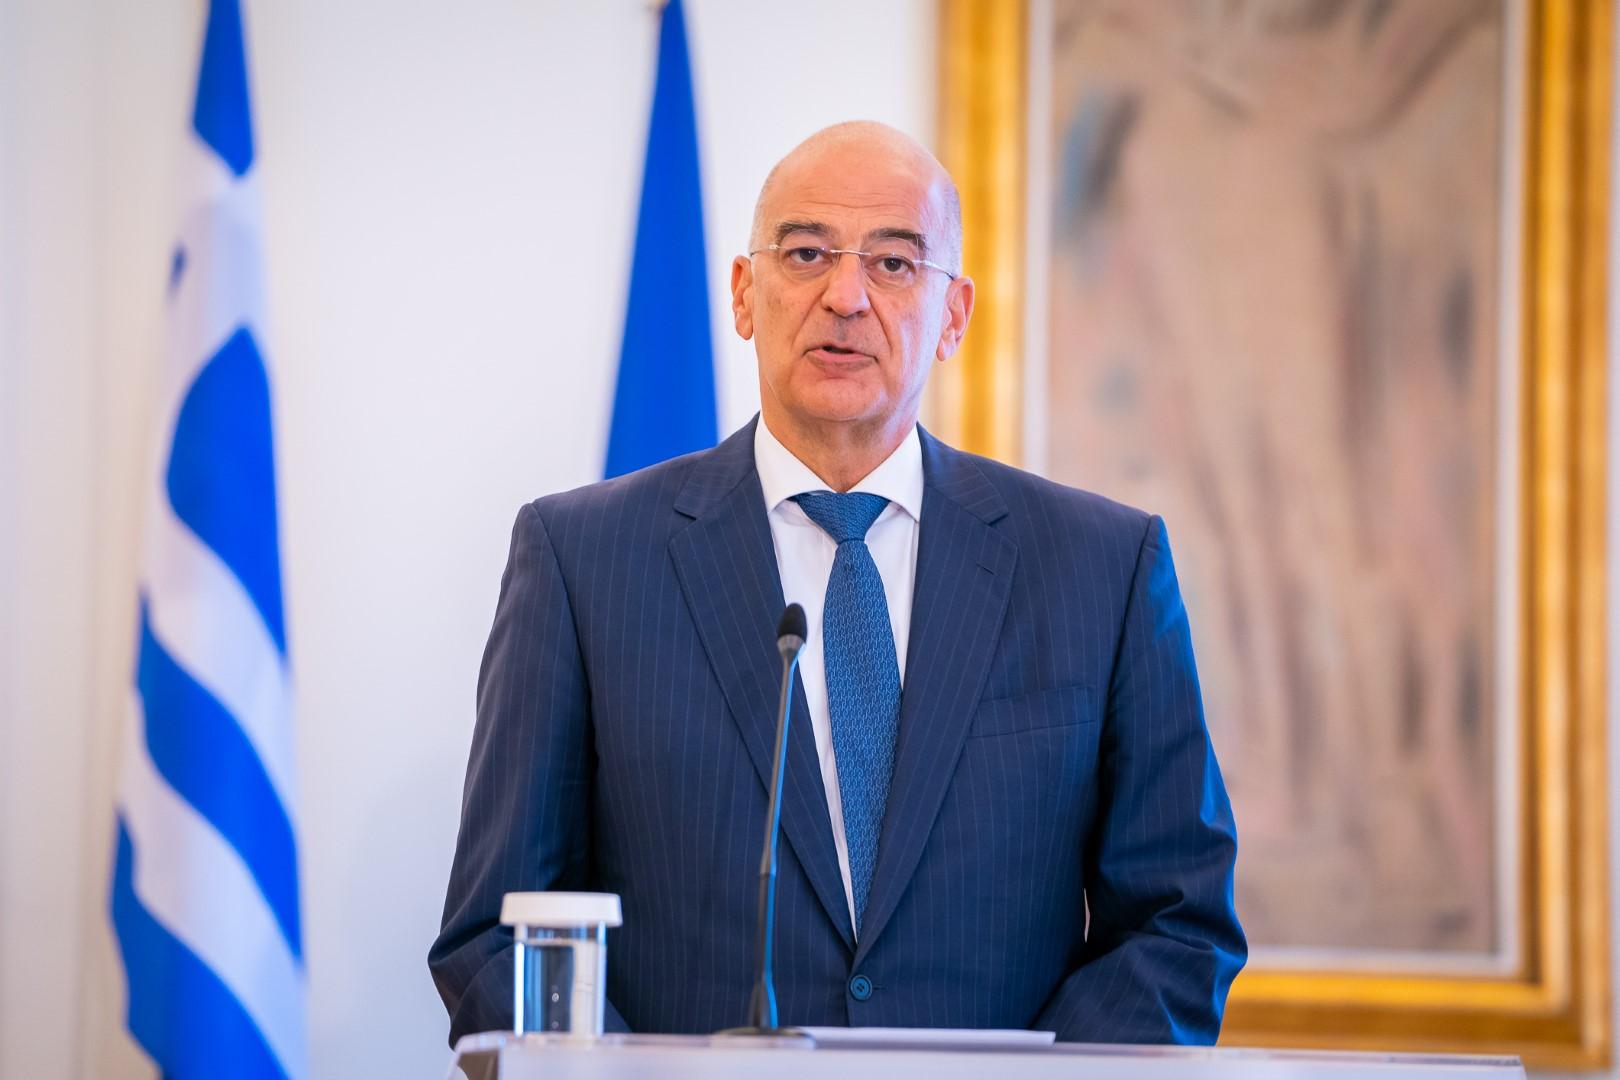 عبدالله بن زايد: الإمارات واليونان تطمحان لتأسيس شراكة استراتيجية صلبة وراسخة